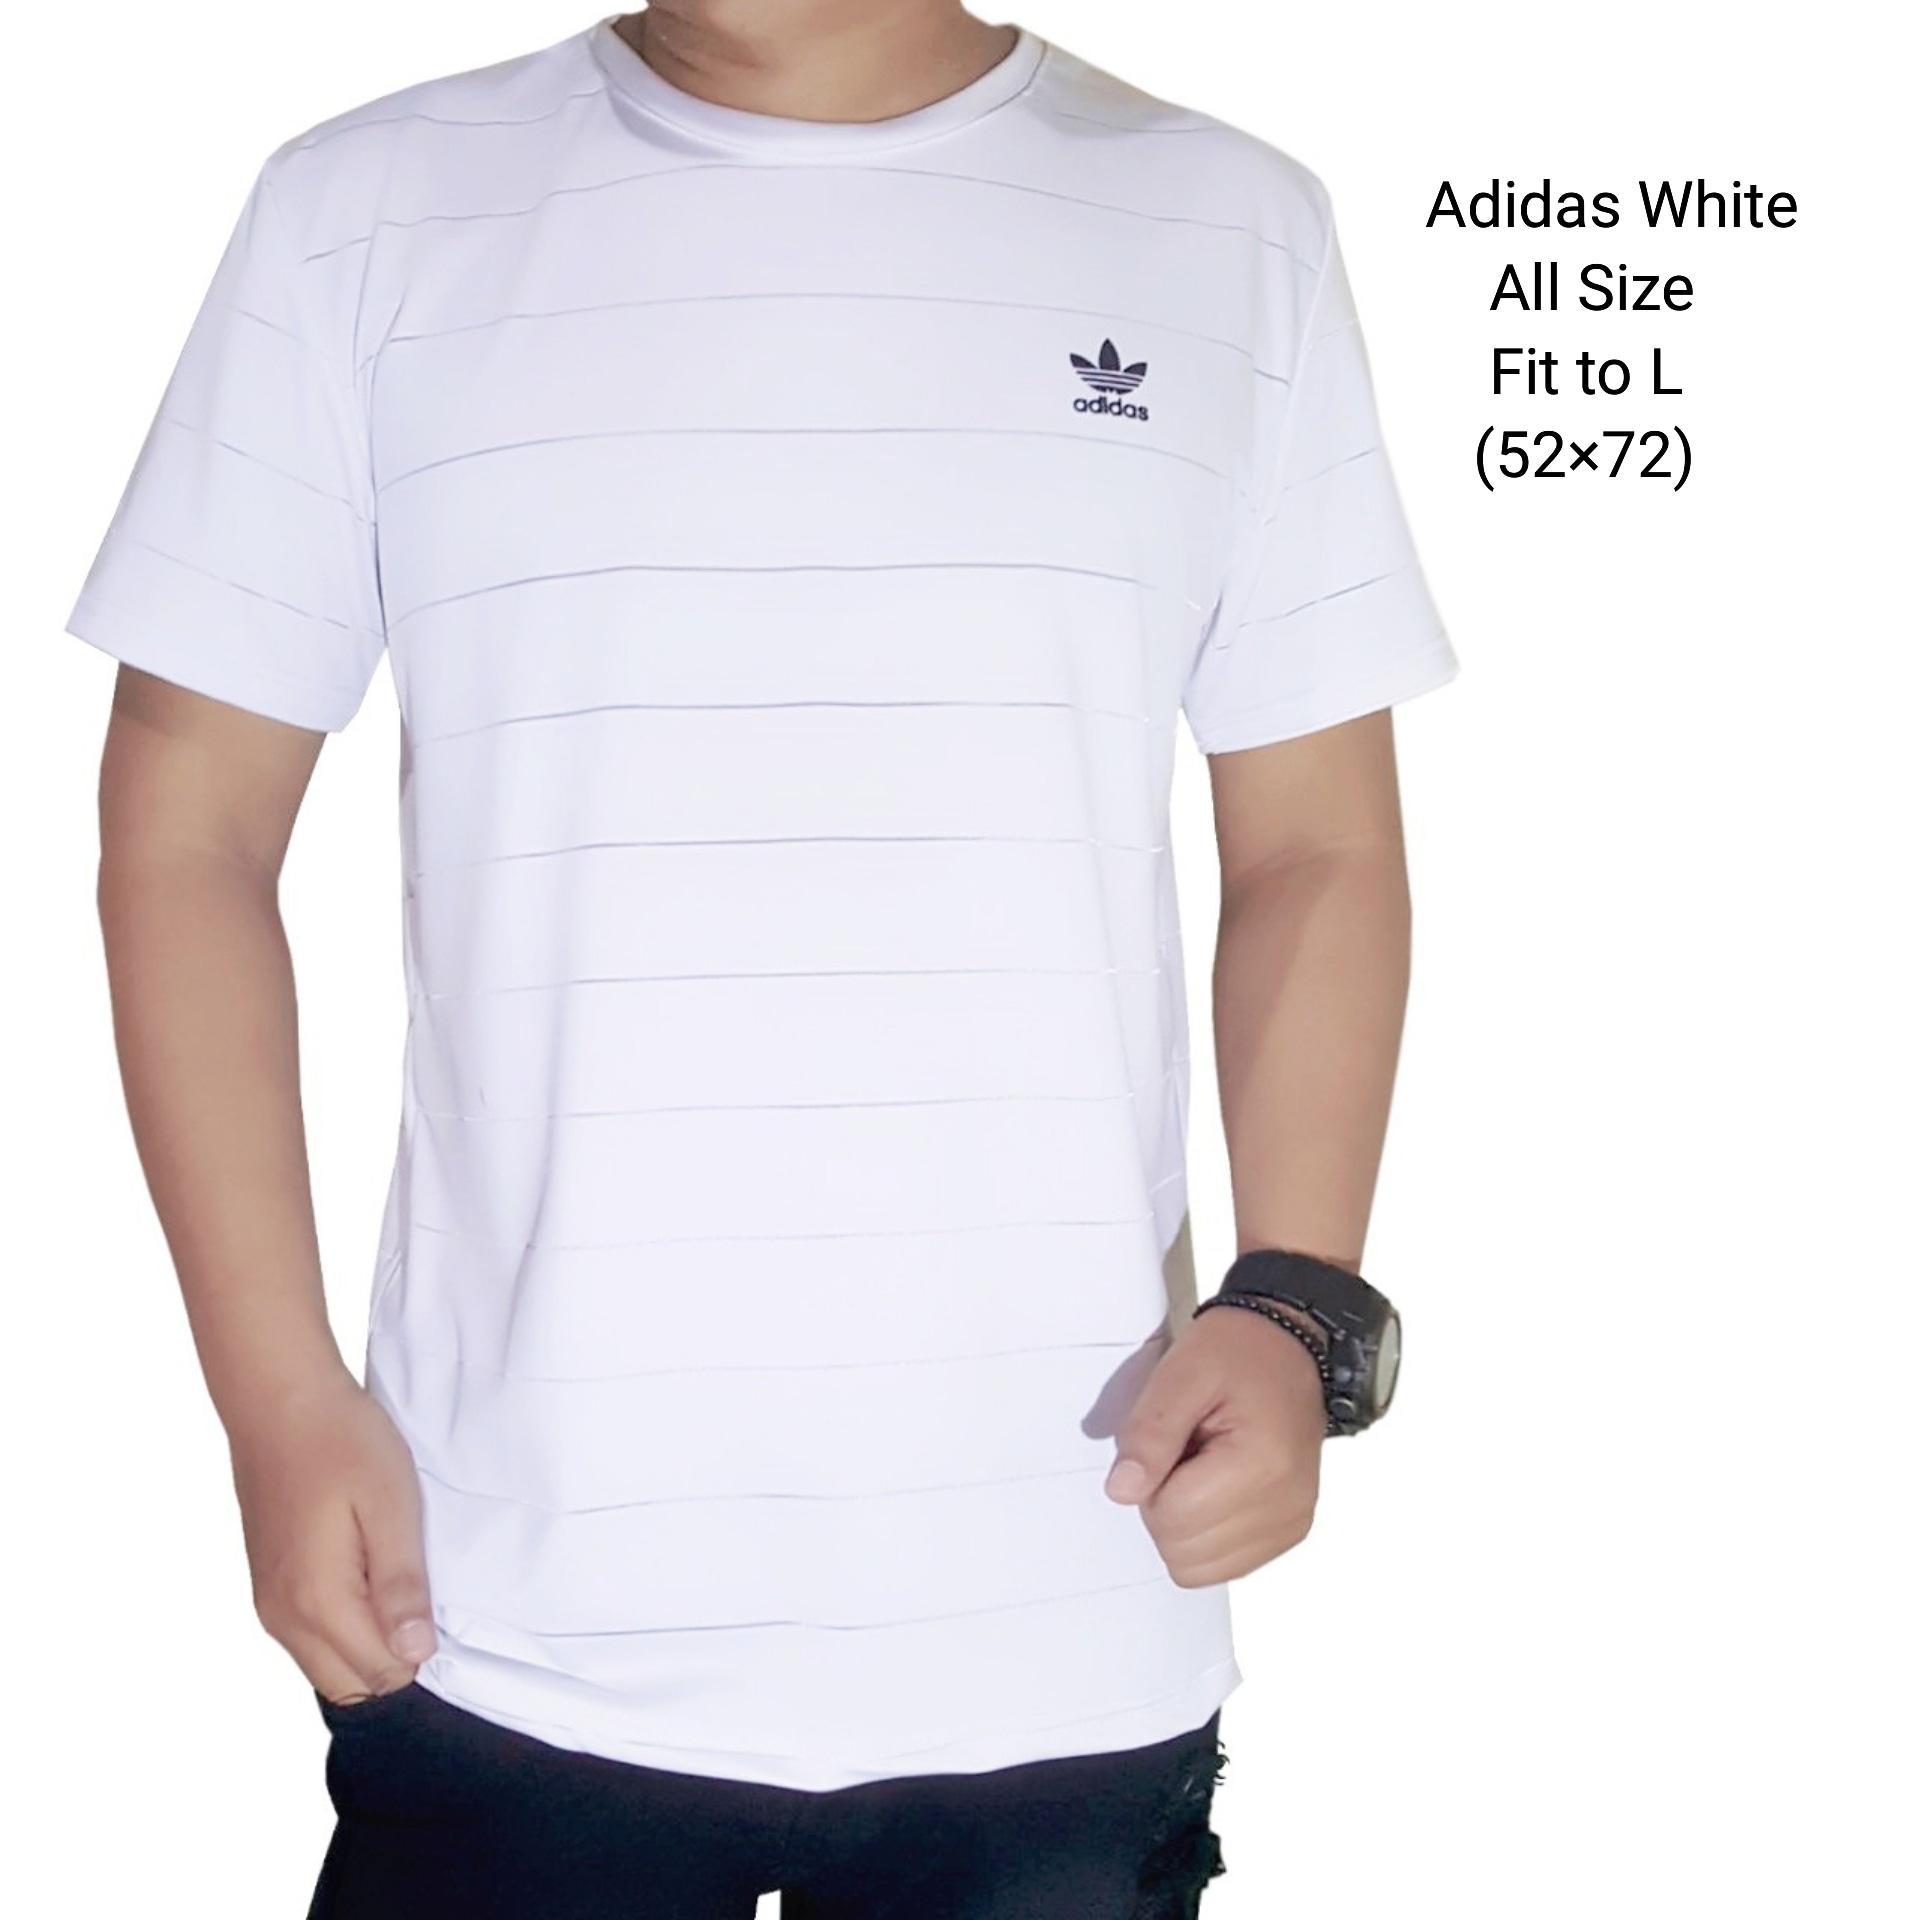 Kaos adidas - kaos puma - ksos jersey - kaos polos